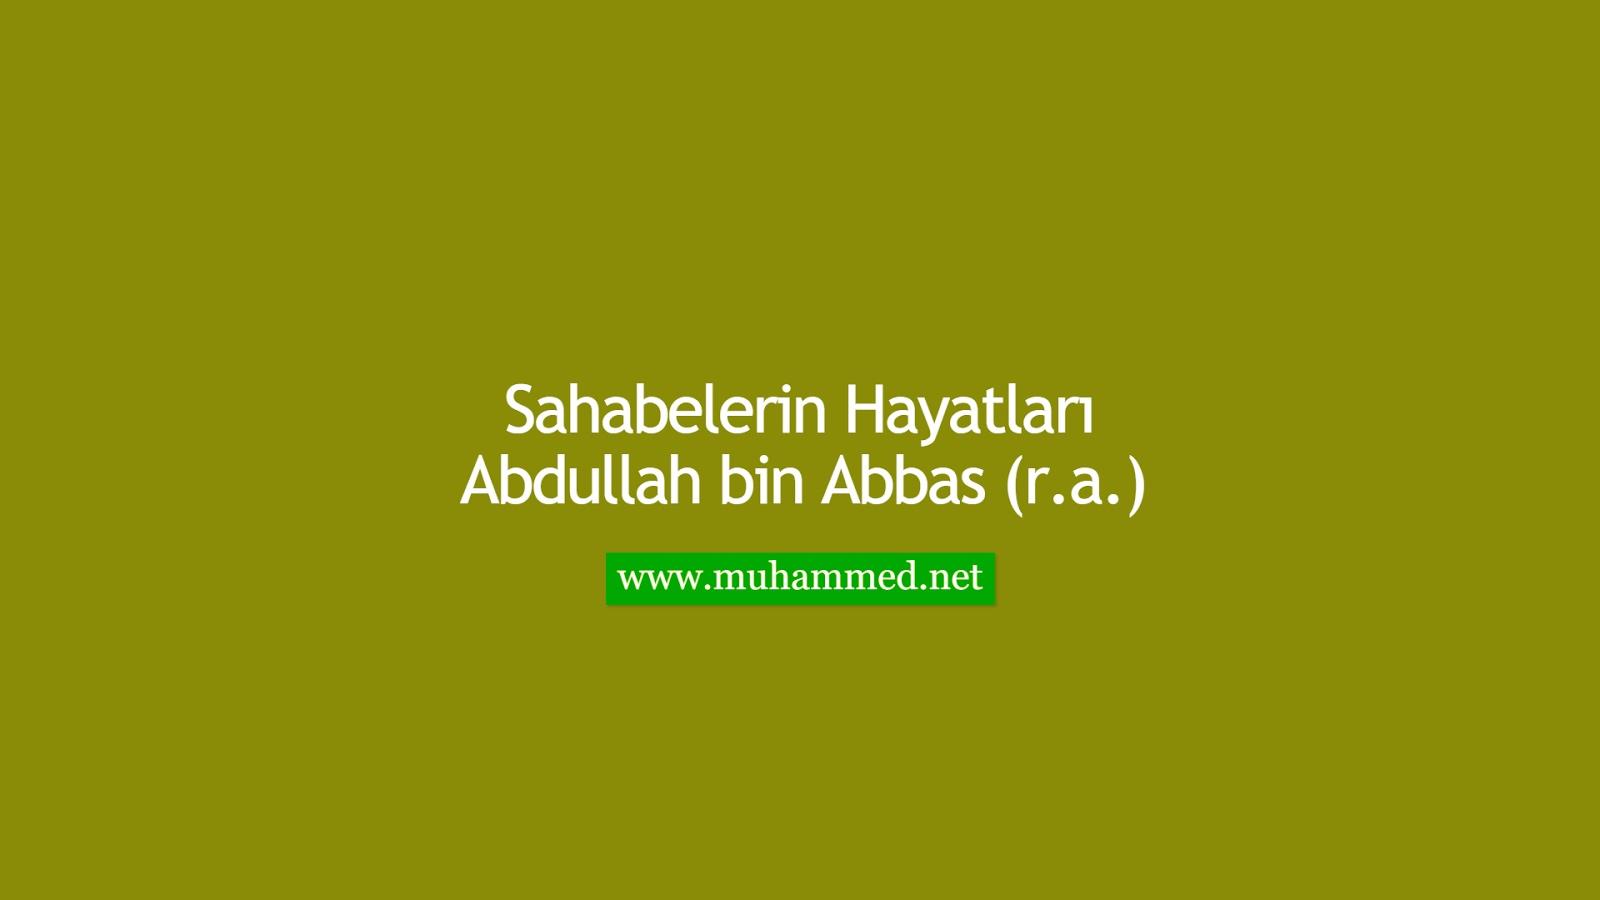 Abdullah bin Abbas (r.a.)